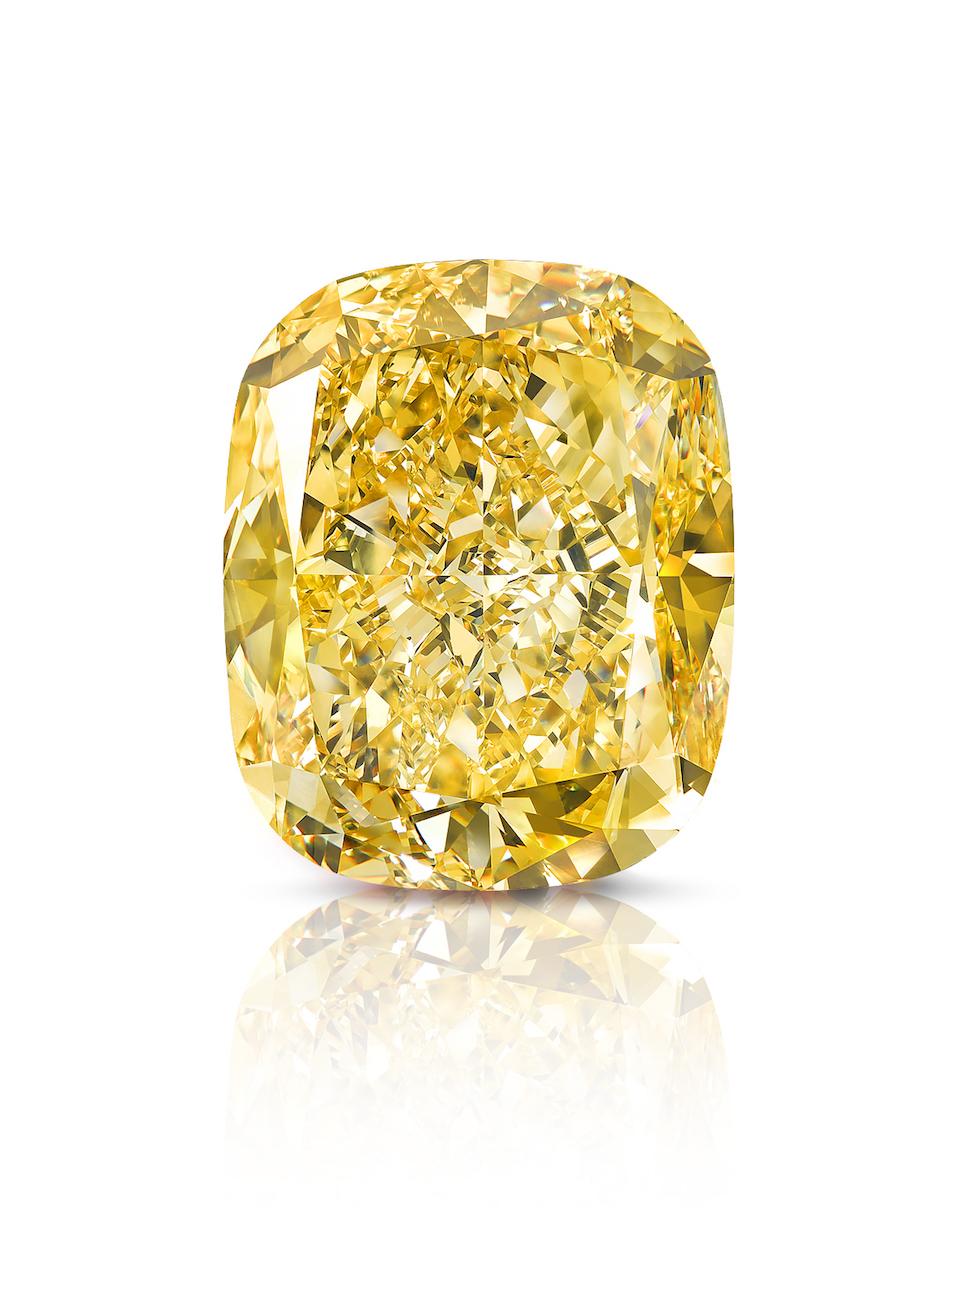 Graff Golden Empress 132.55 carat Fancy Intense Yellow diamond